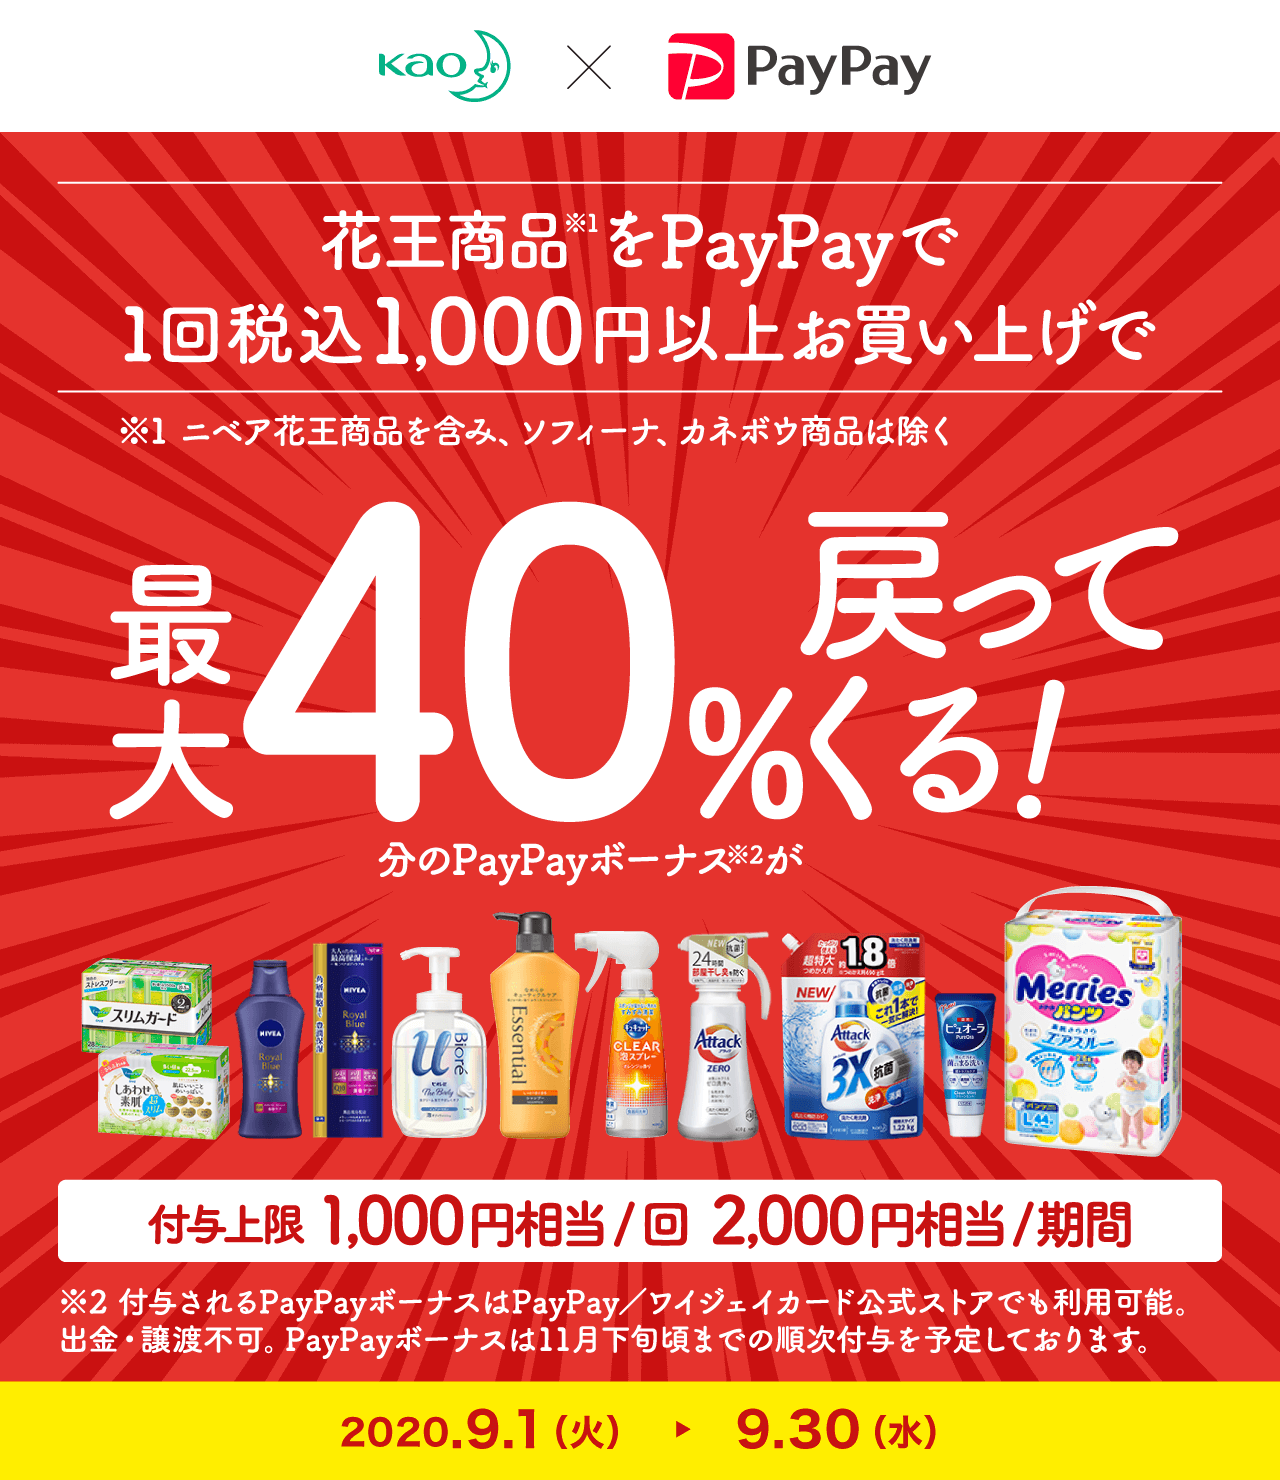 花王商品をPayPayで1回税込1,000円以上お買い上げで最大40%戻ってくる!